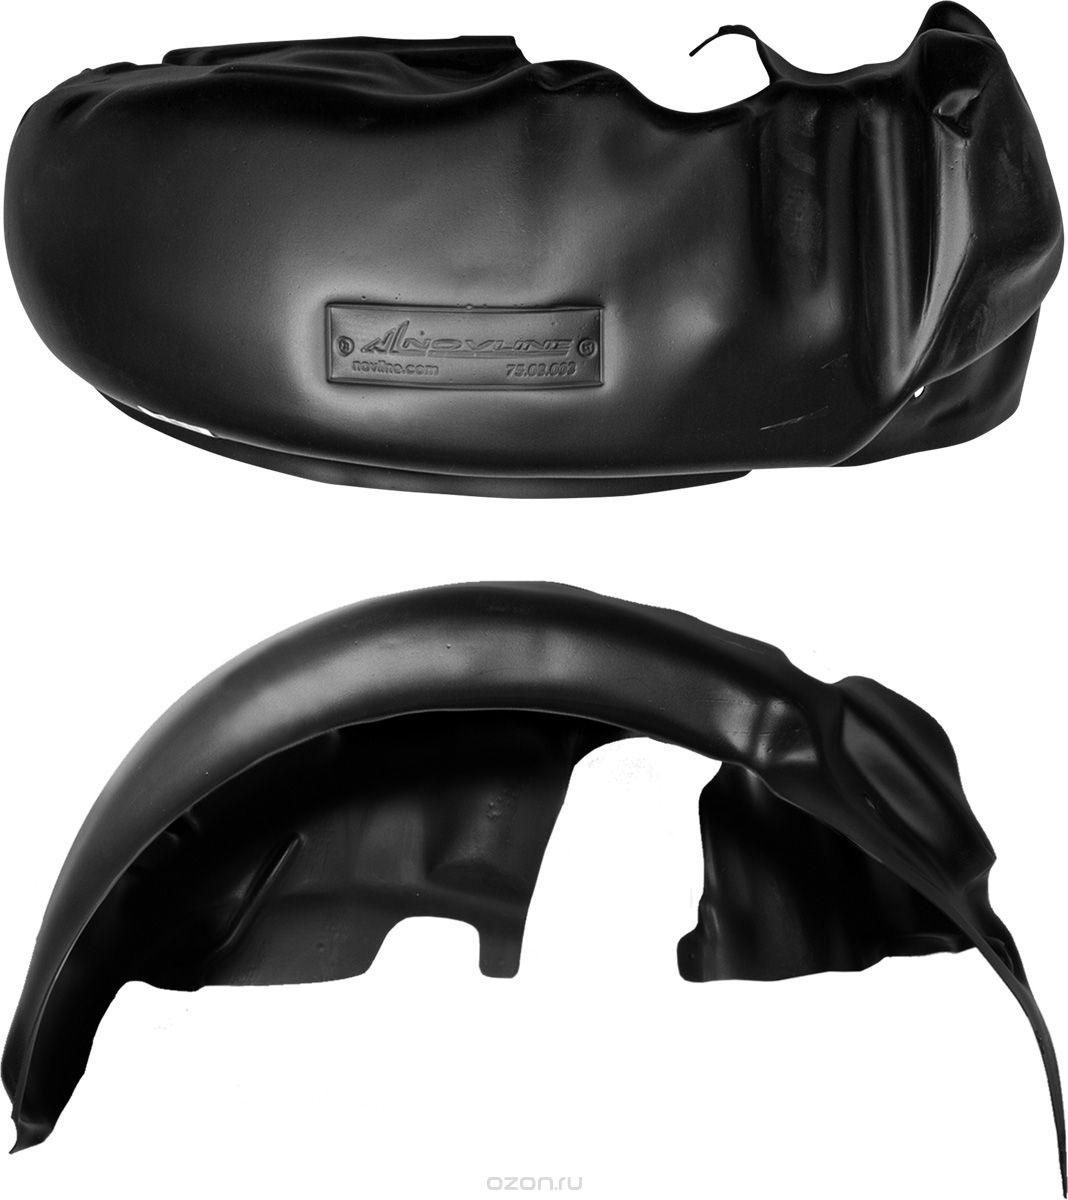 Подкрылок Novline-Autofamily, для Fiat FullBack, 2016->, задний левыйNLL.15.22.003Идеальная защита колесной ниши. Локеры разработаны с применением цифровых технологий, гарантируют максимальную повторяемость поверхности арки. Изделия устанавливаются без нарушения лакокрасочного покрытия автомобиля, каждый подкрылок комплектуется крепежом. Уважаемые клиенты, обращаем ваше внимание, что фотографии на подкрылки универсальные и не отражают реальную форму изделия. При этом само изделие идет точно под размер указанного автомобиля.